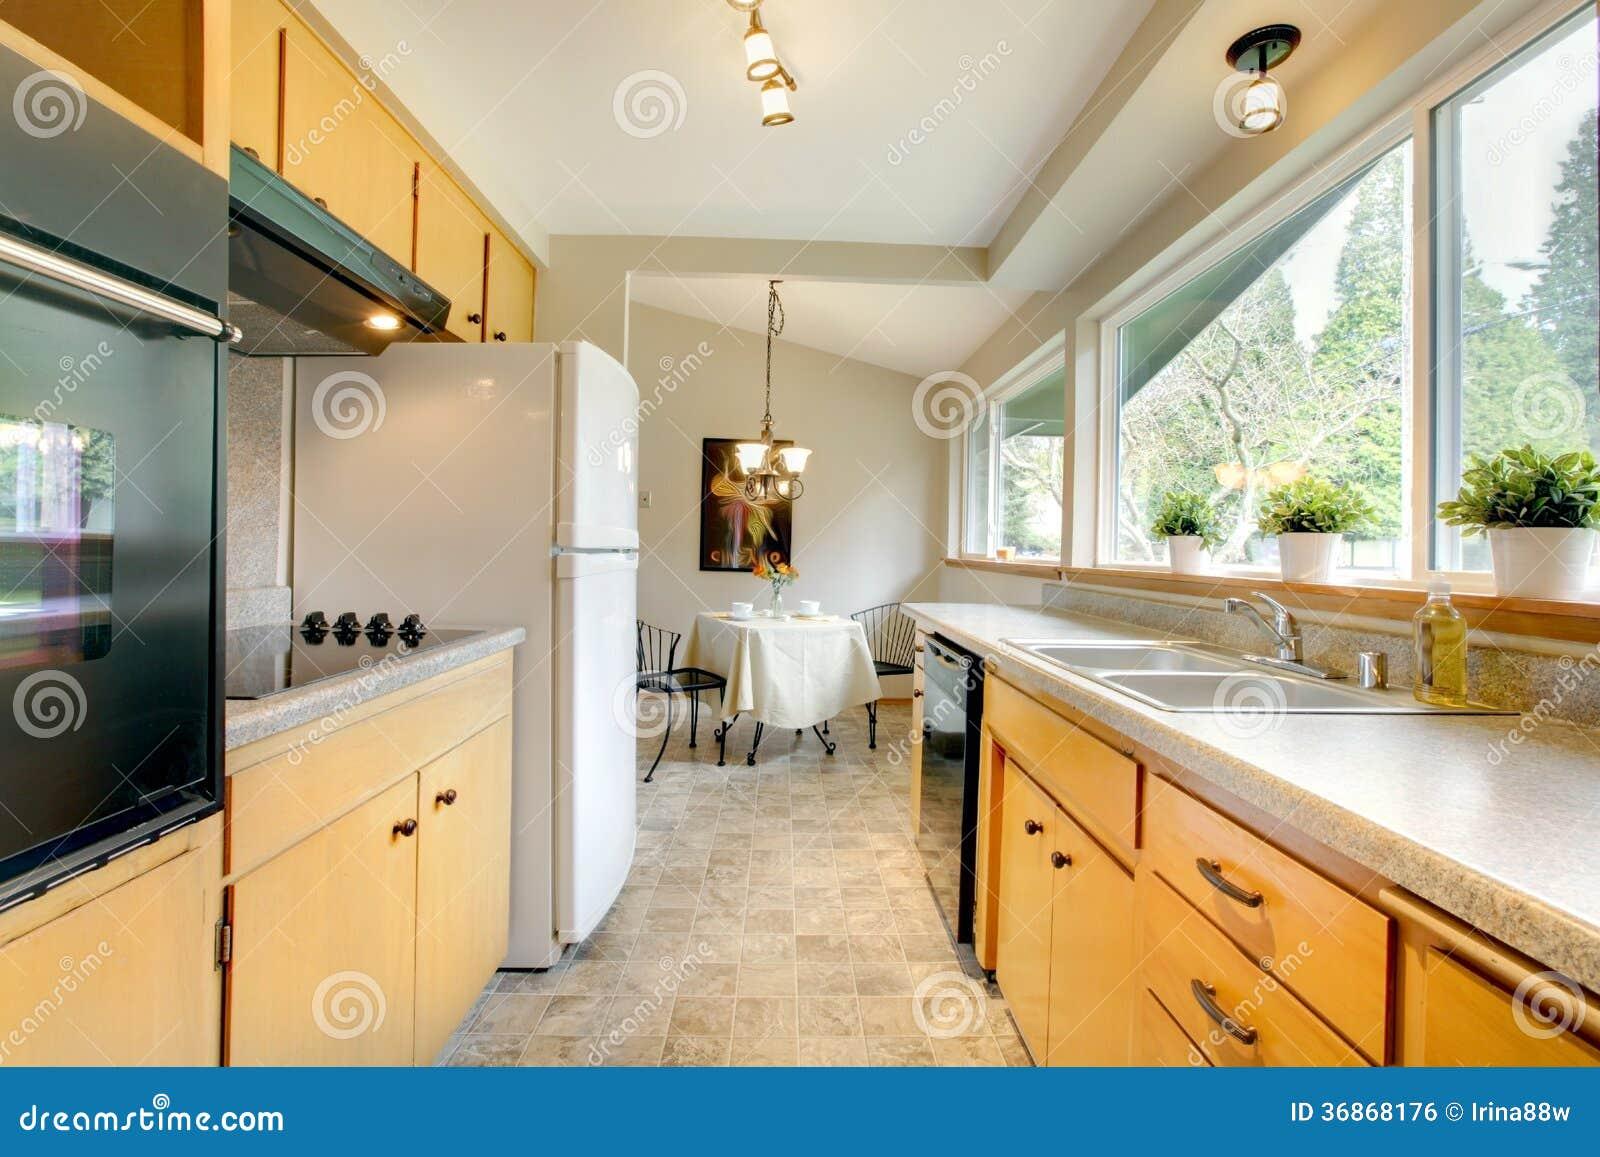 Keuken Moderne Klein : Moderne keuken met een klein het dineren gebied stock foto